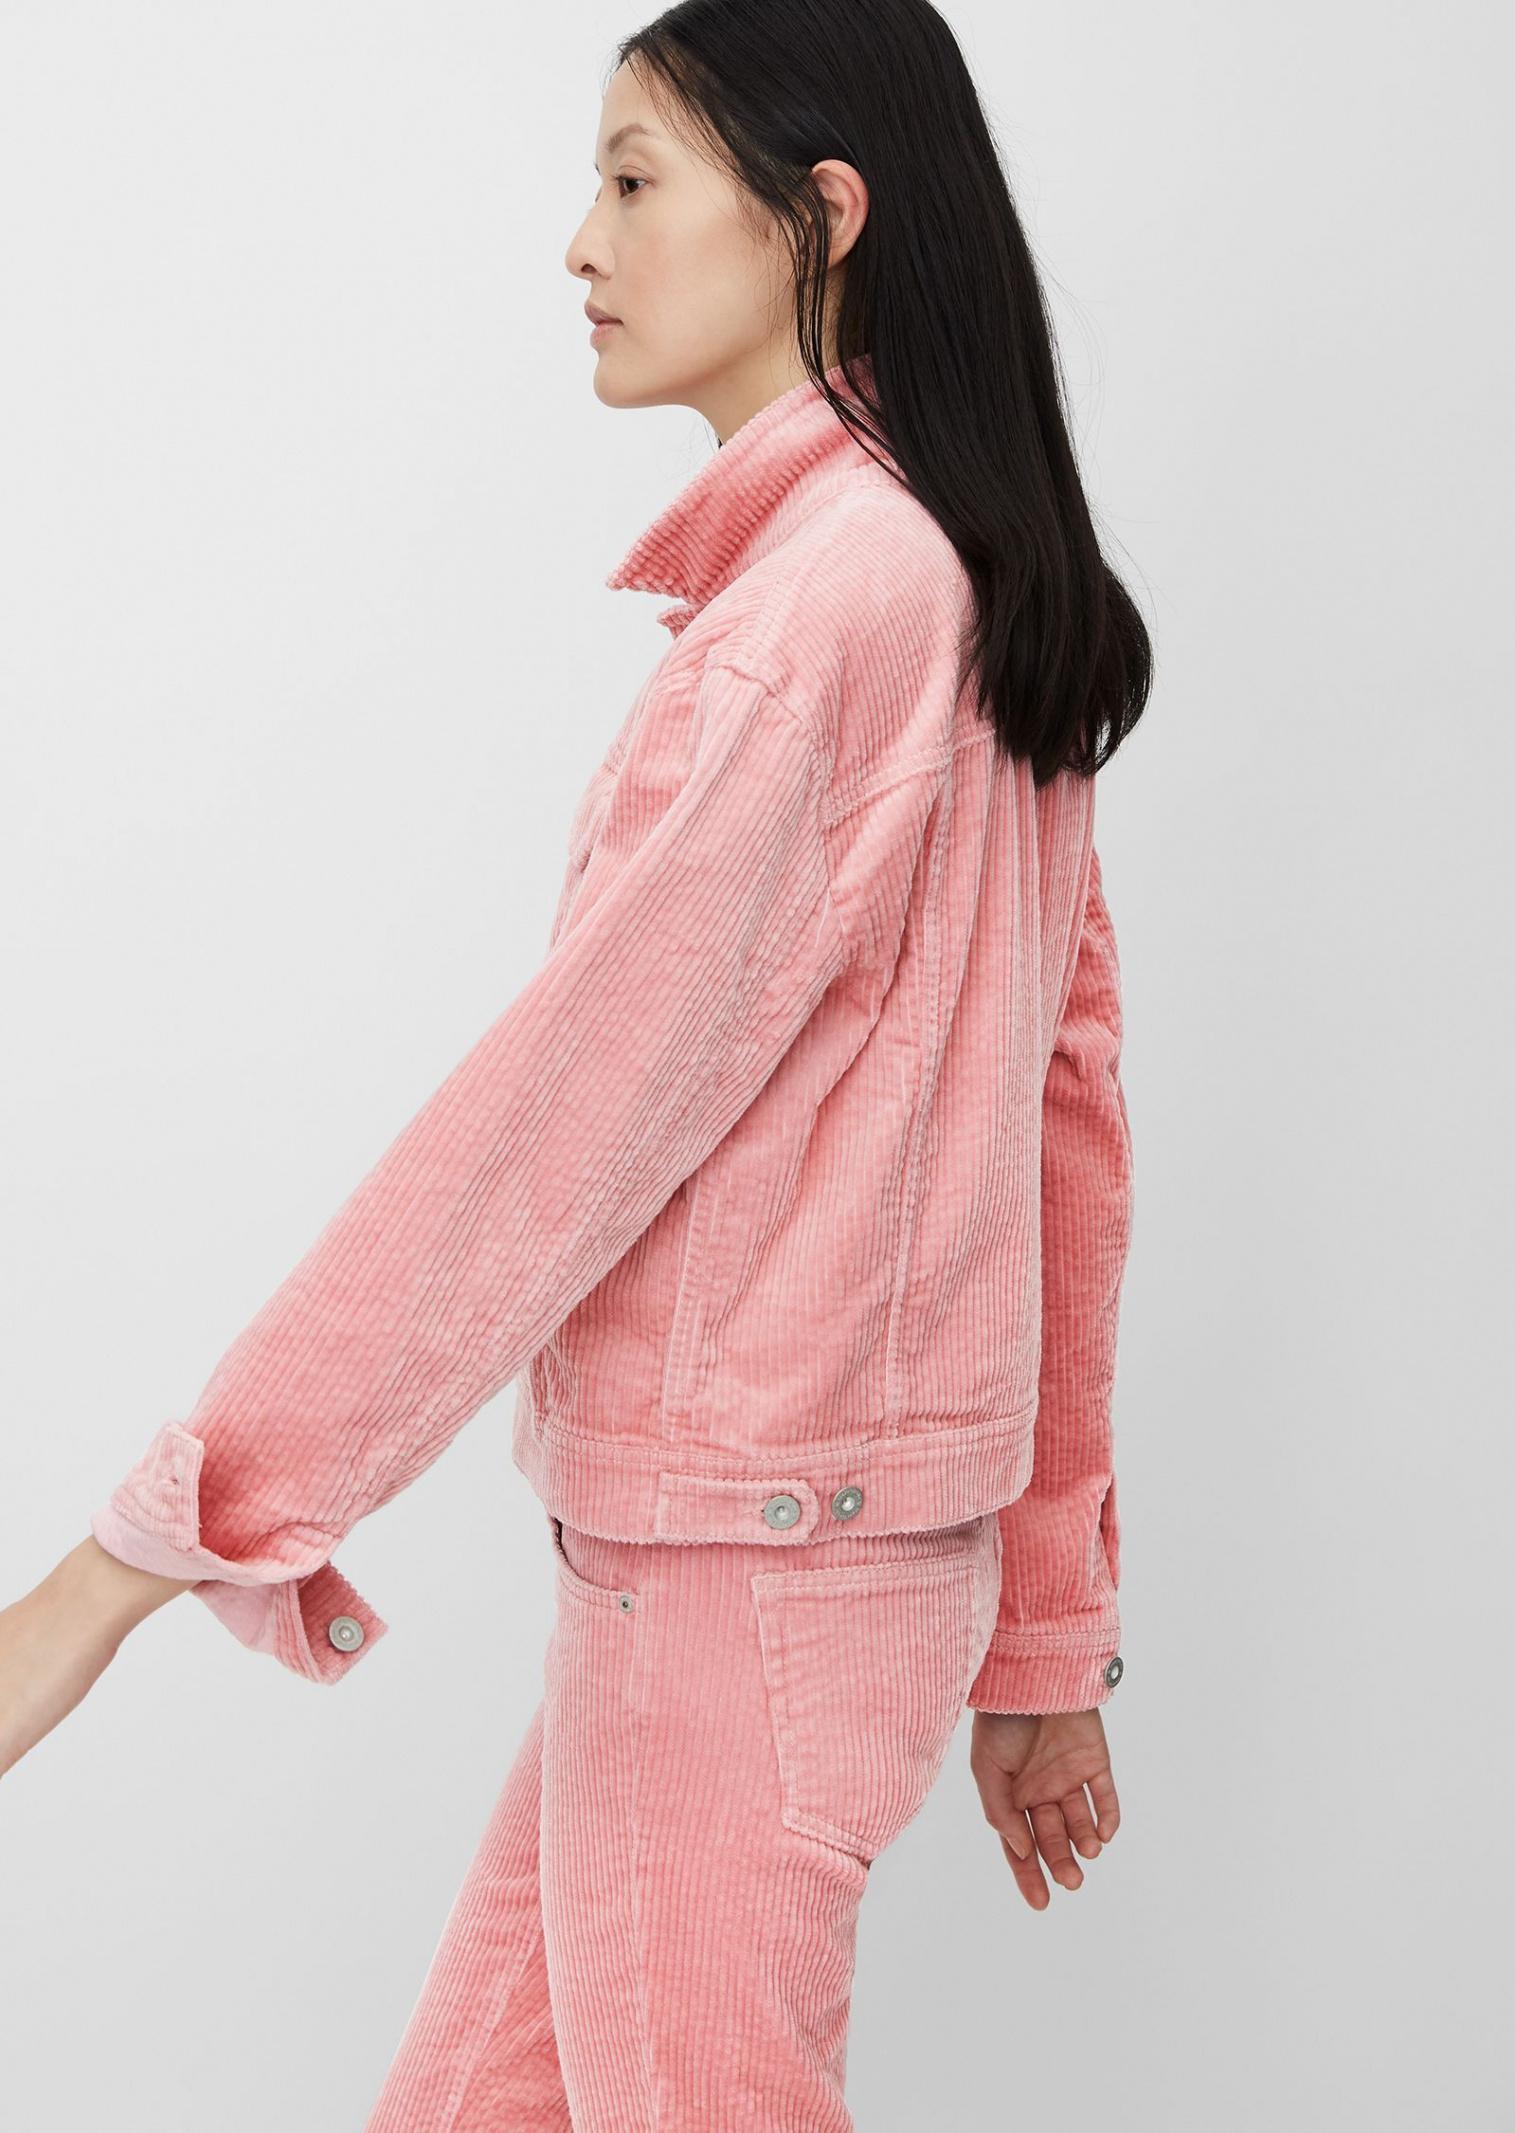 MARC O'POLO Куртка жіночі модель 000044425033-612 якість, 2017